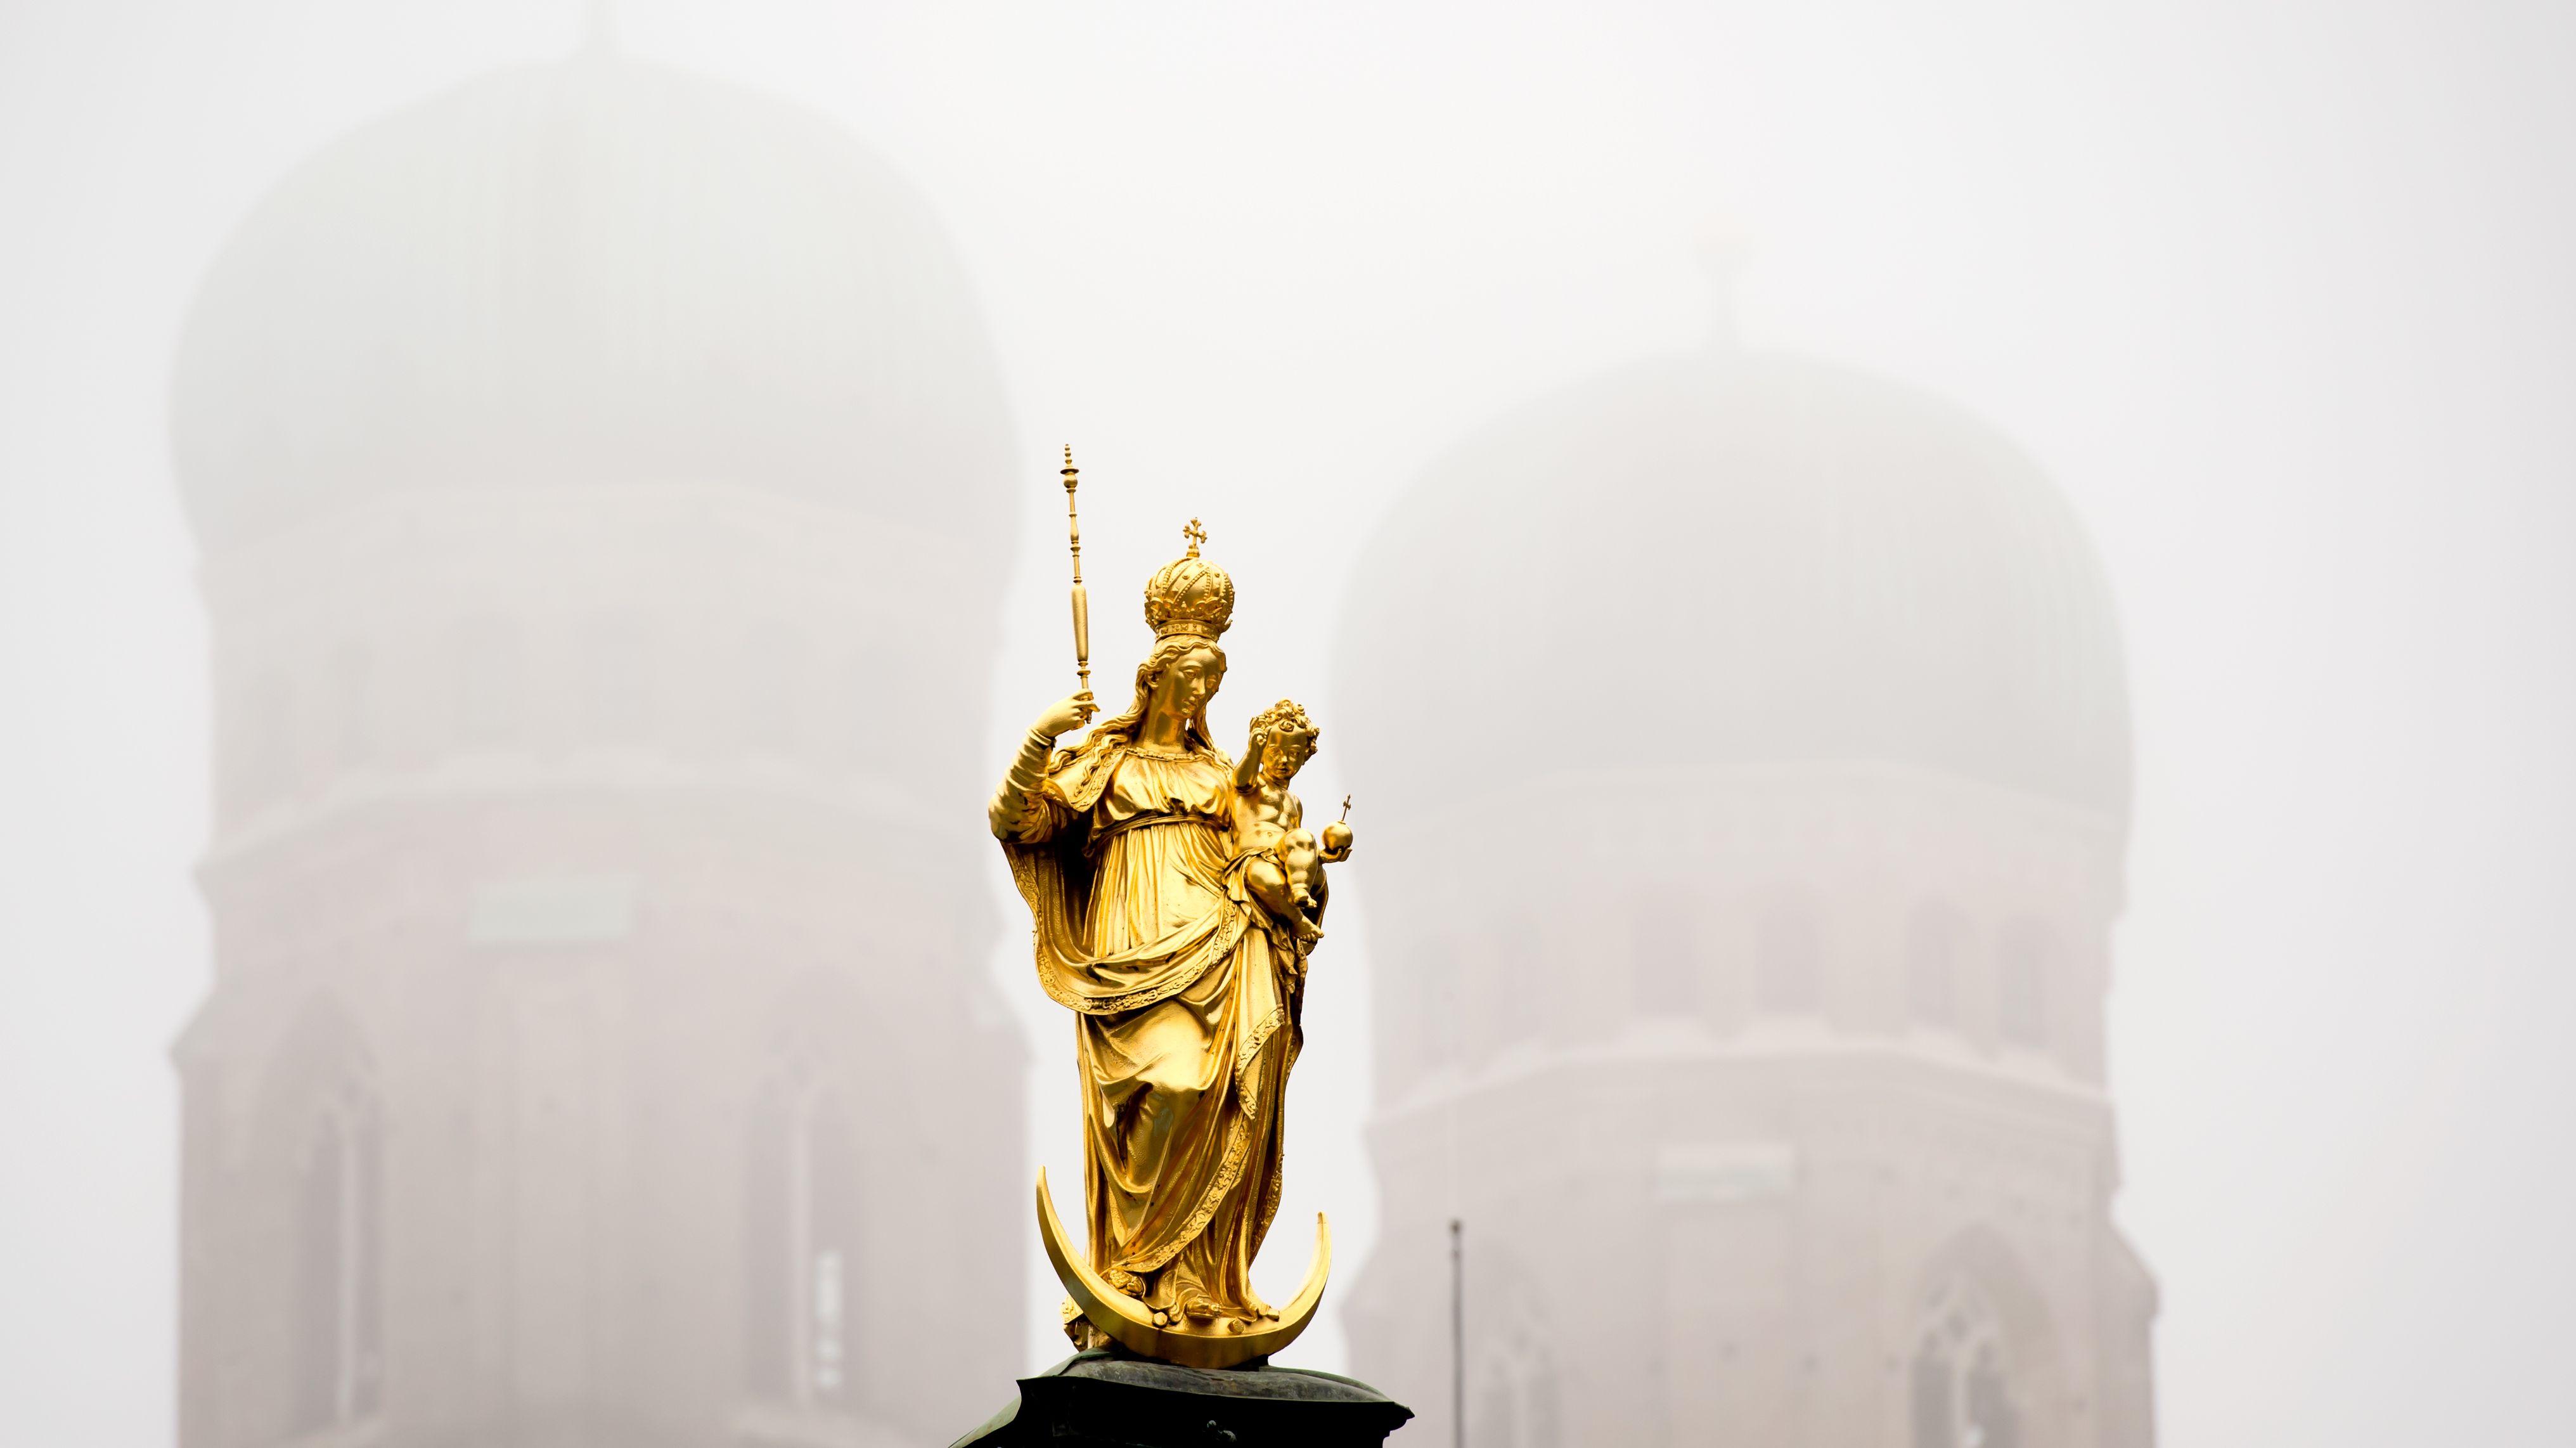 Die Mariensäule auf dem Marienplatz in München (Bayern) zeichnet sich am 07.10.2013 im Nebel vor den Türmen der Frauenkirche ab